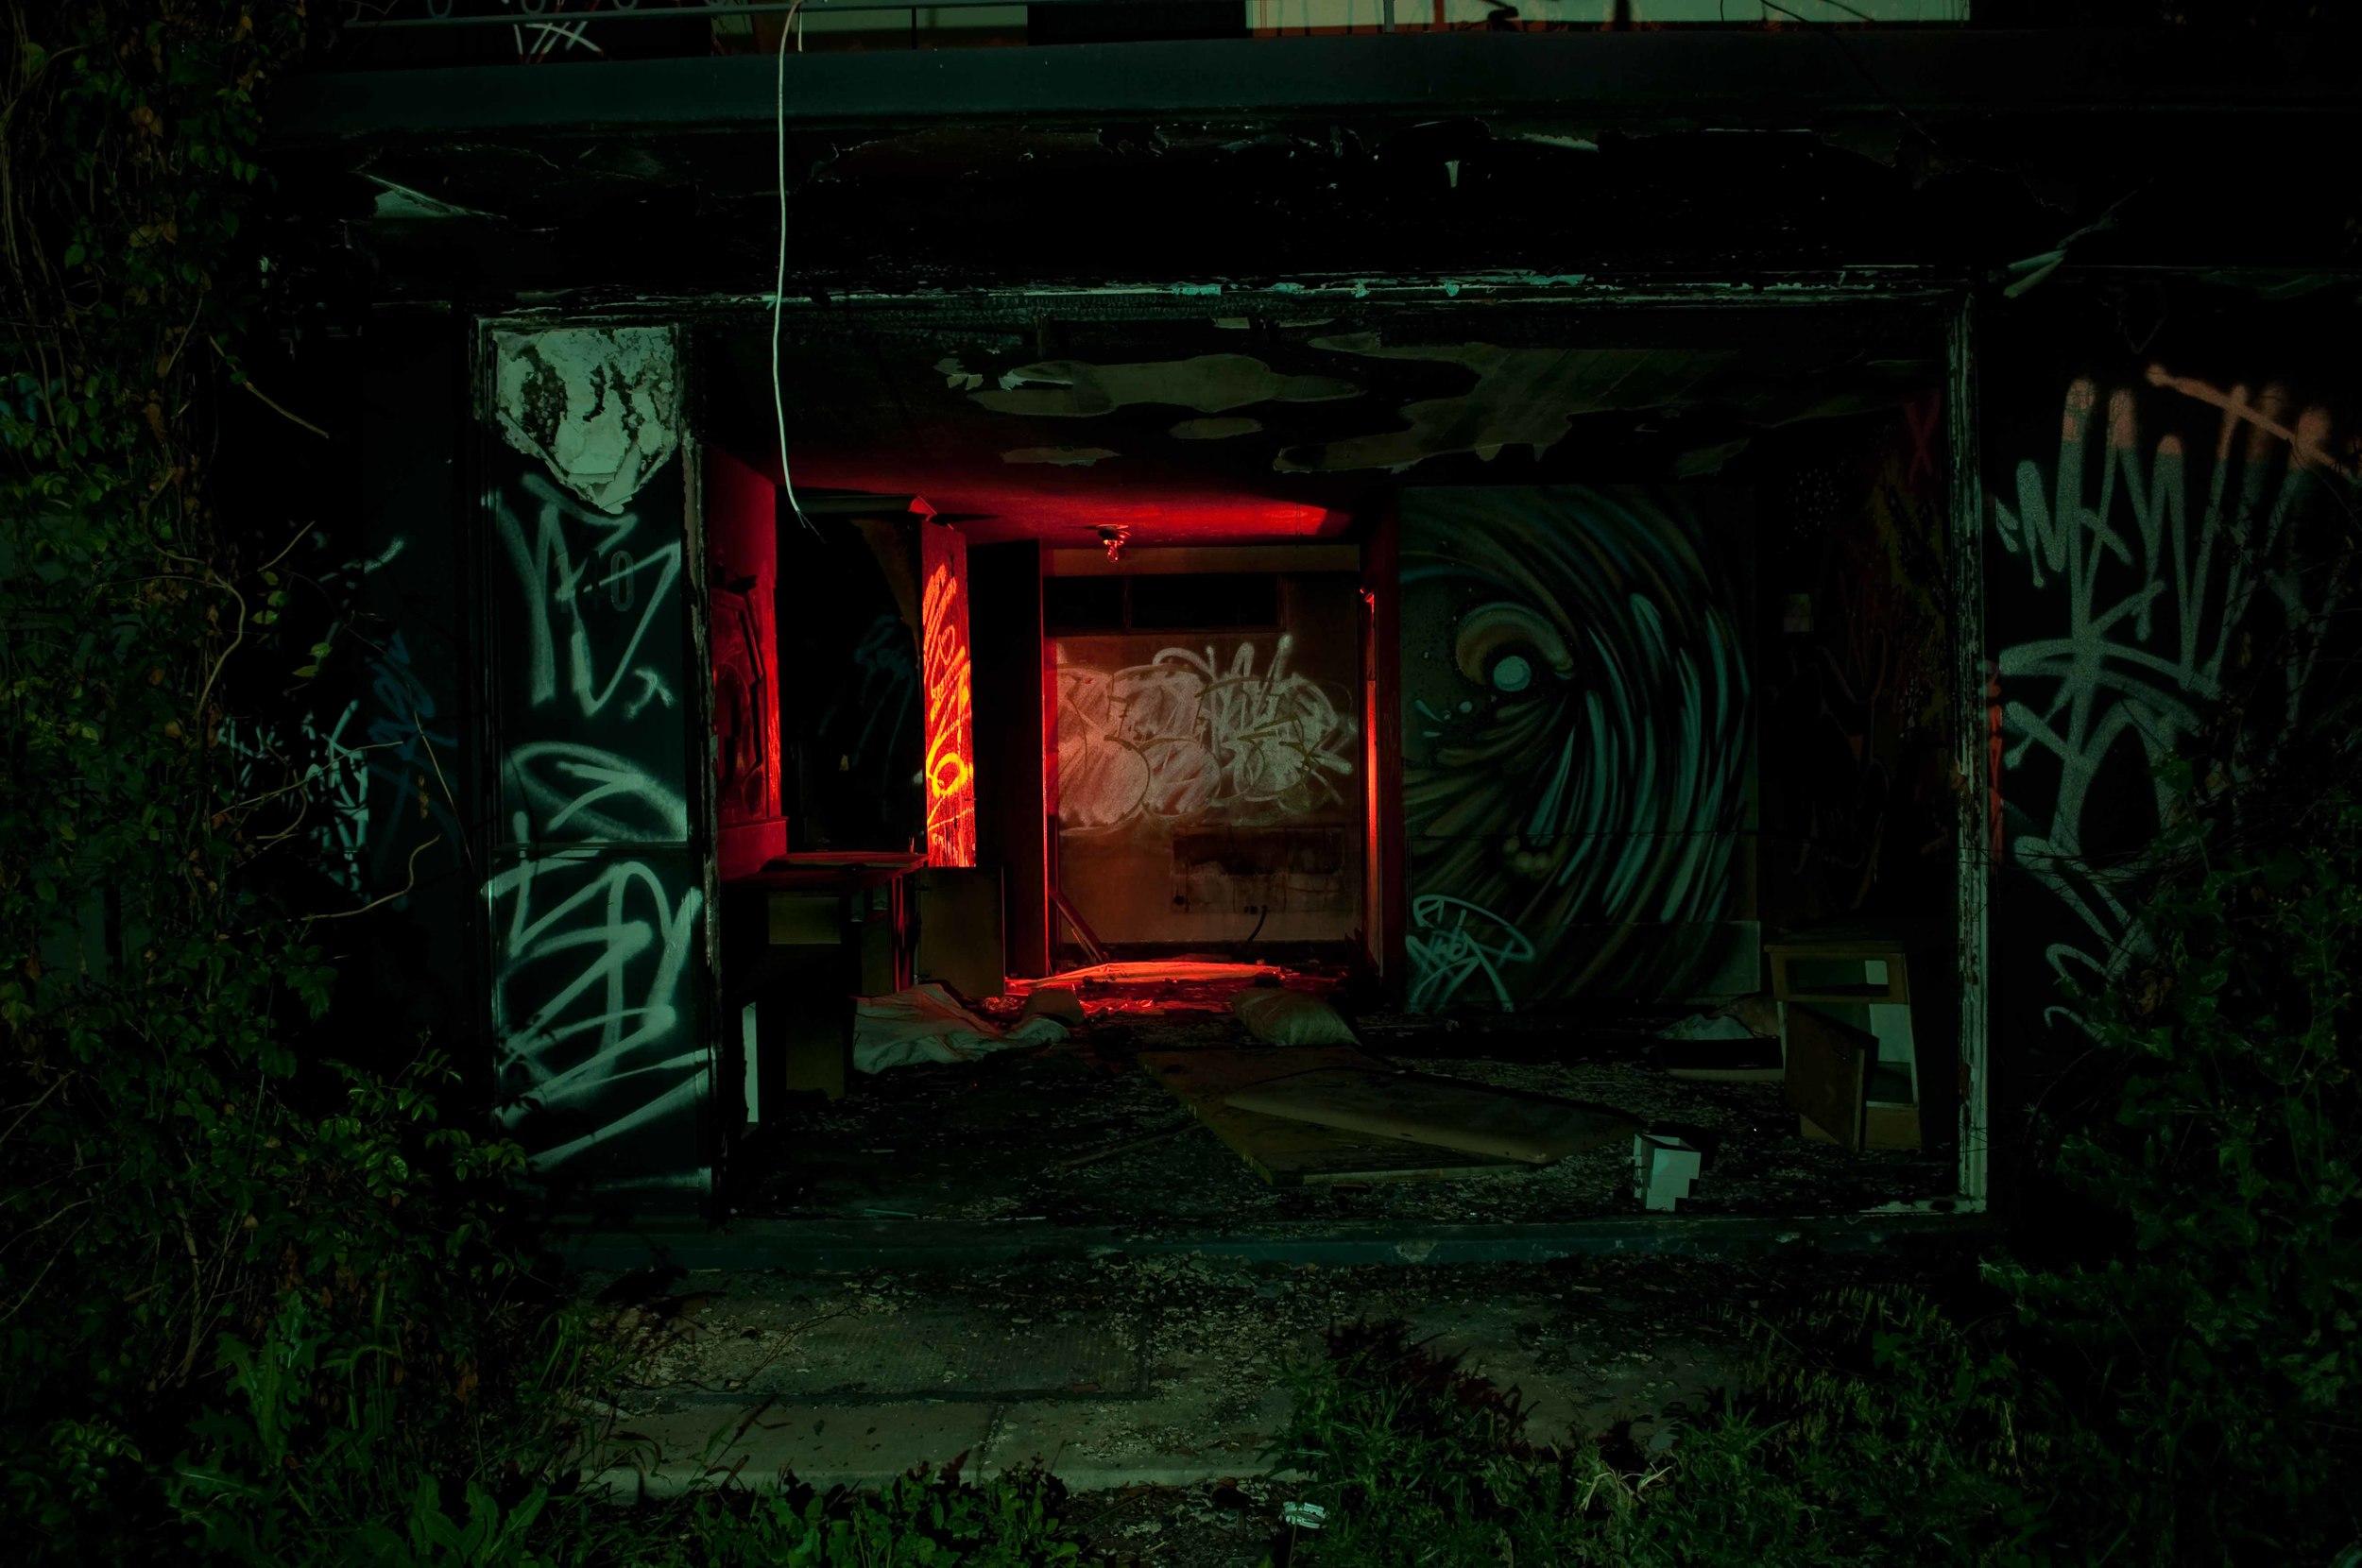 motelhell-6.jpg